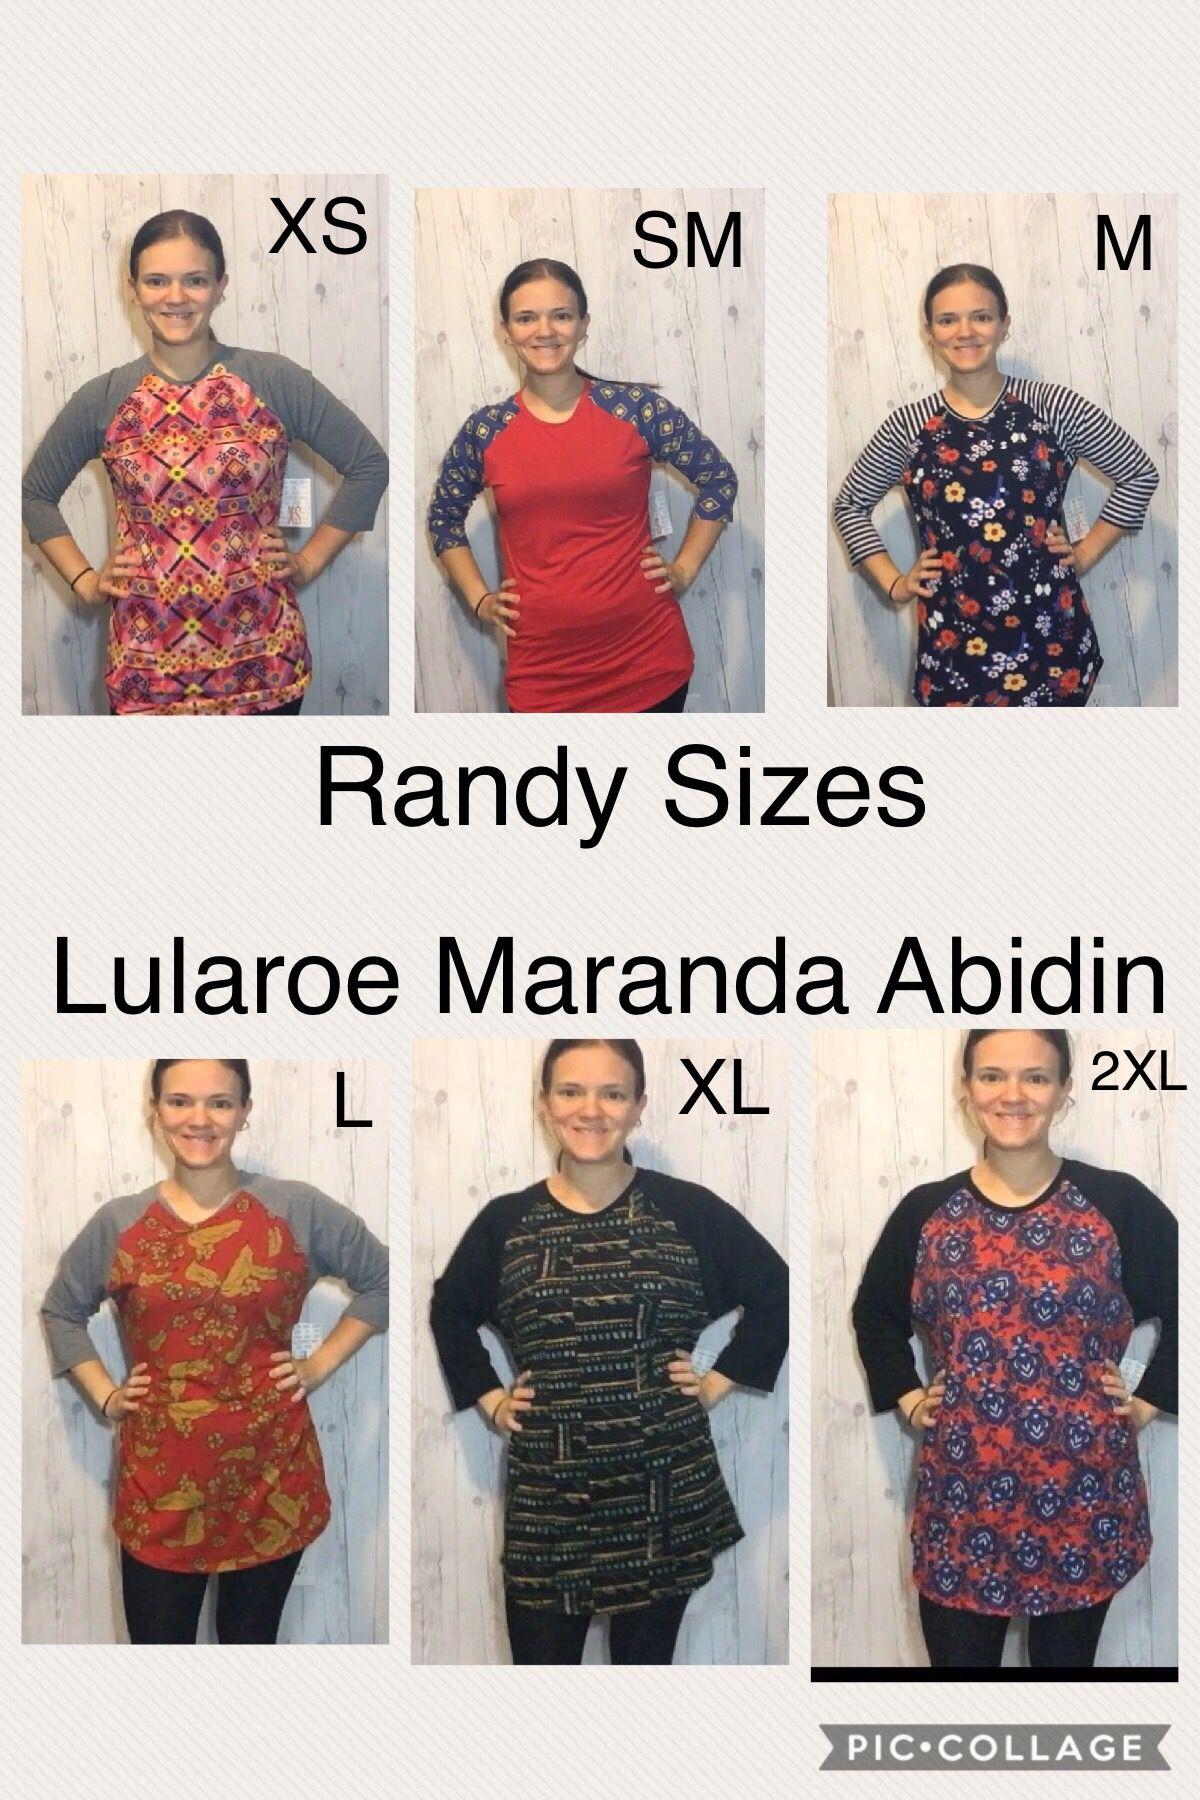 Lularoe Randy Size Chart : lularoe, randy, chart, Randy, Chart, Comparison., Sizes, Xs-2XL, Lularoe, Sizing,, Outfits,, Style